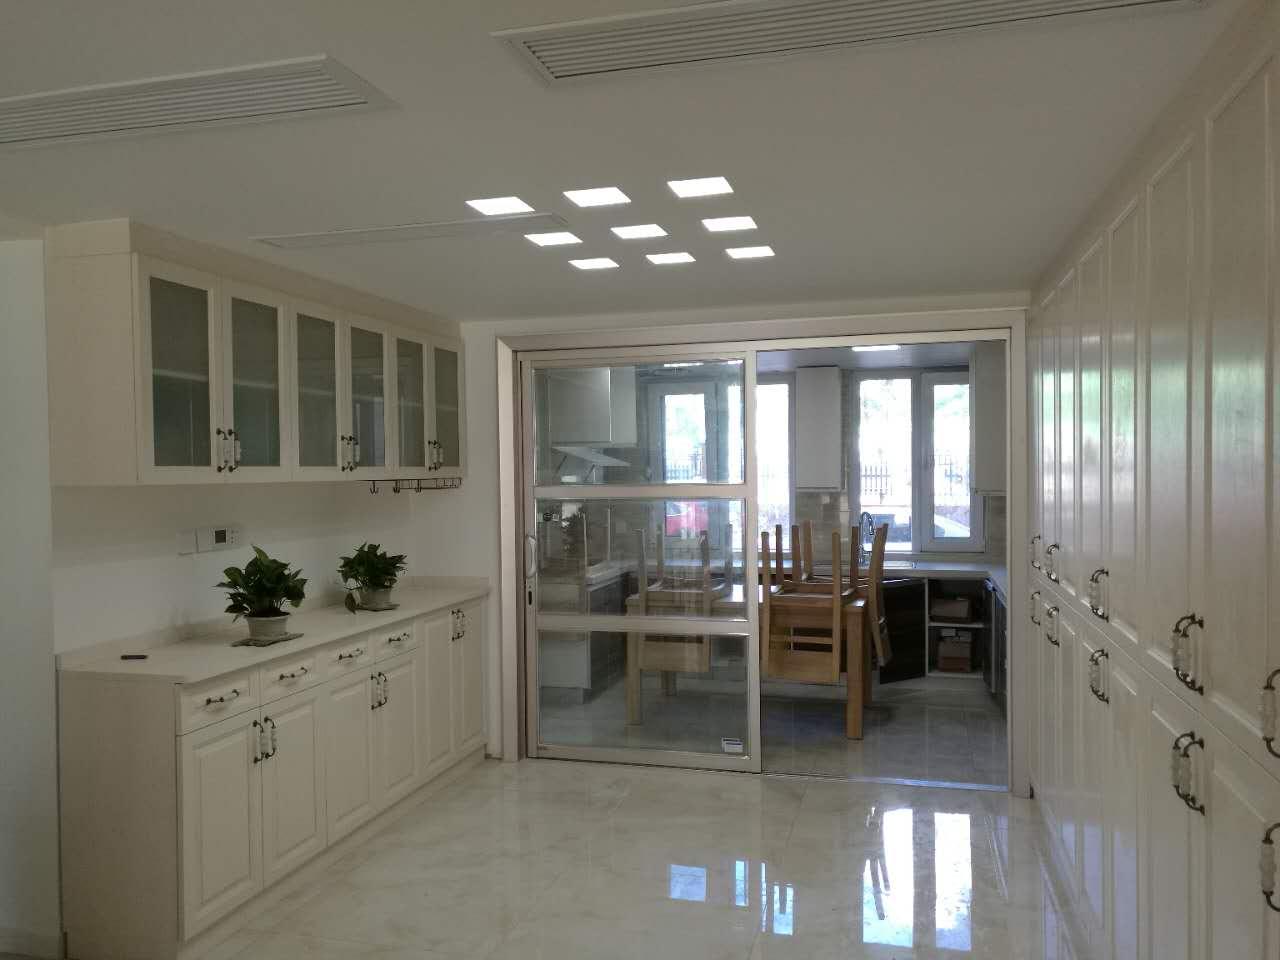 大的收纳空间还可以为厨房缓解压力,让空间看起来干净整洁。在9盏吸顶灯下,整个餐厅空间更加明亮。